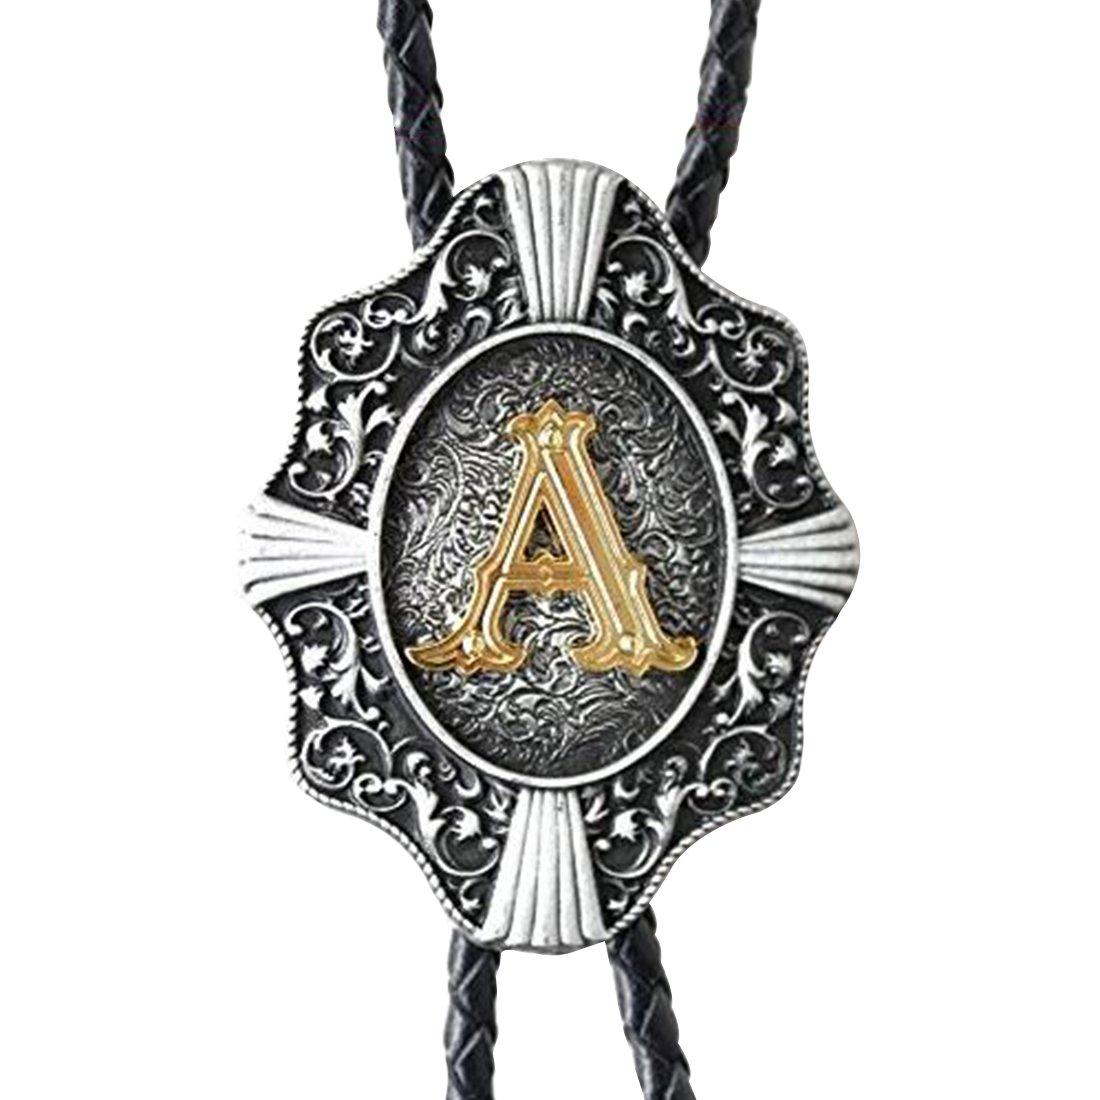 QD-WST New Vintage Letter Bolo Tie for Men Cowboy Gold Initials Necklace J